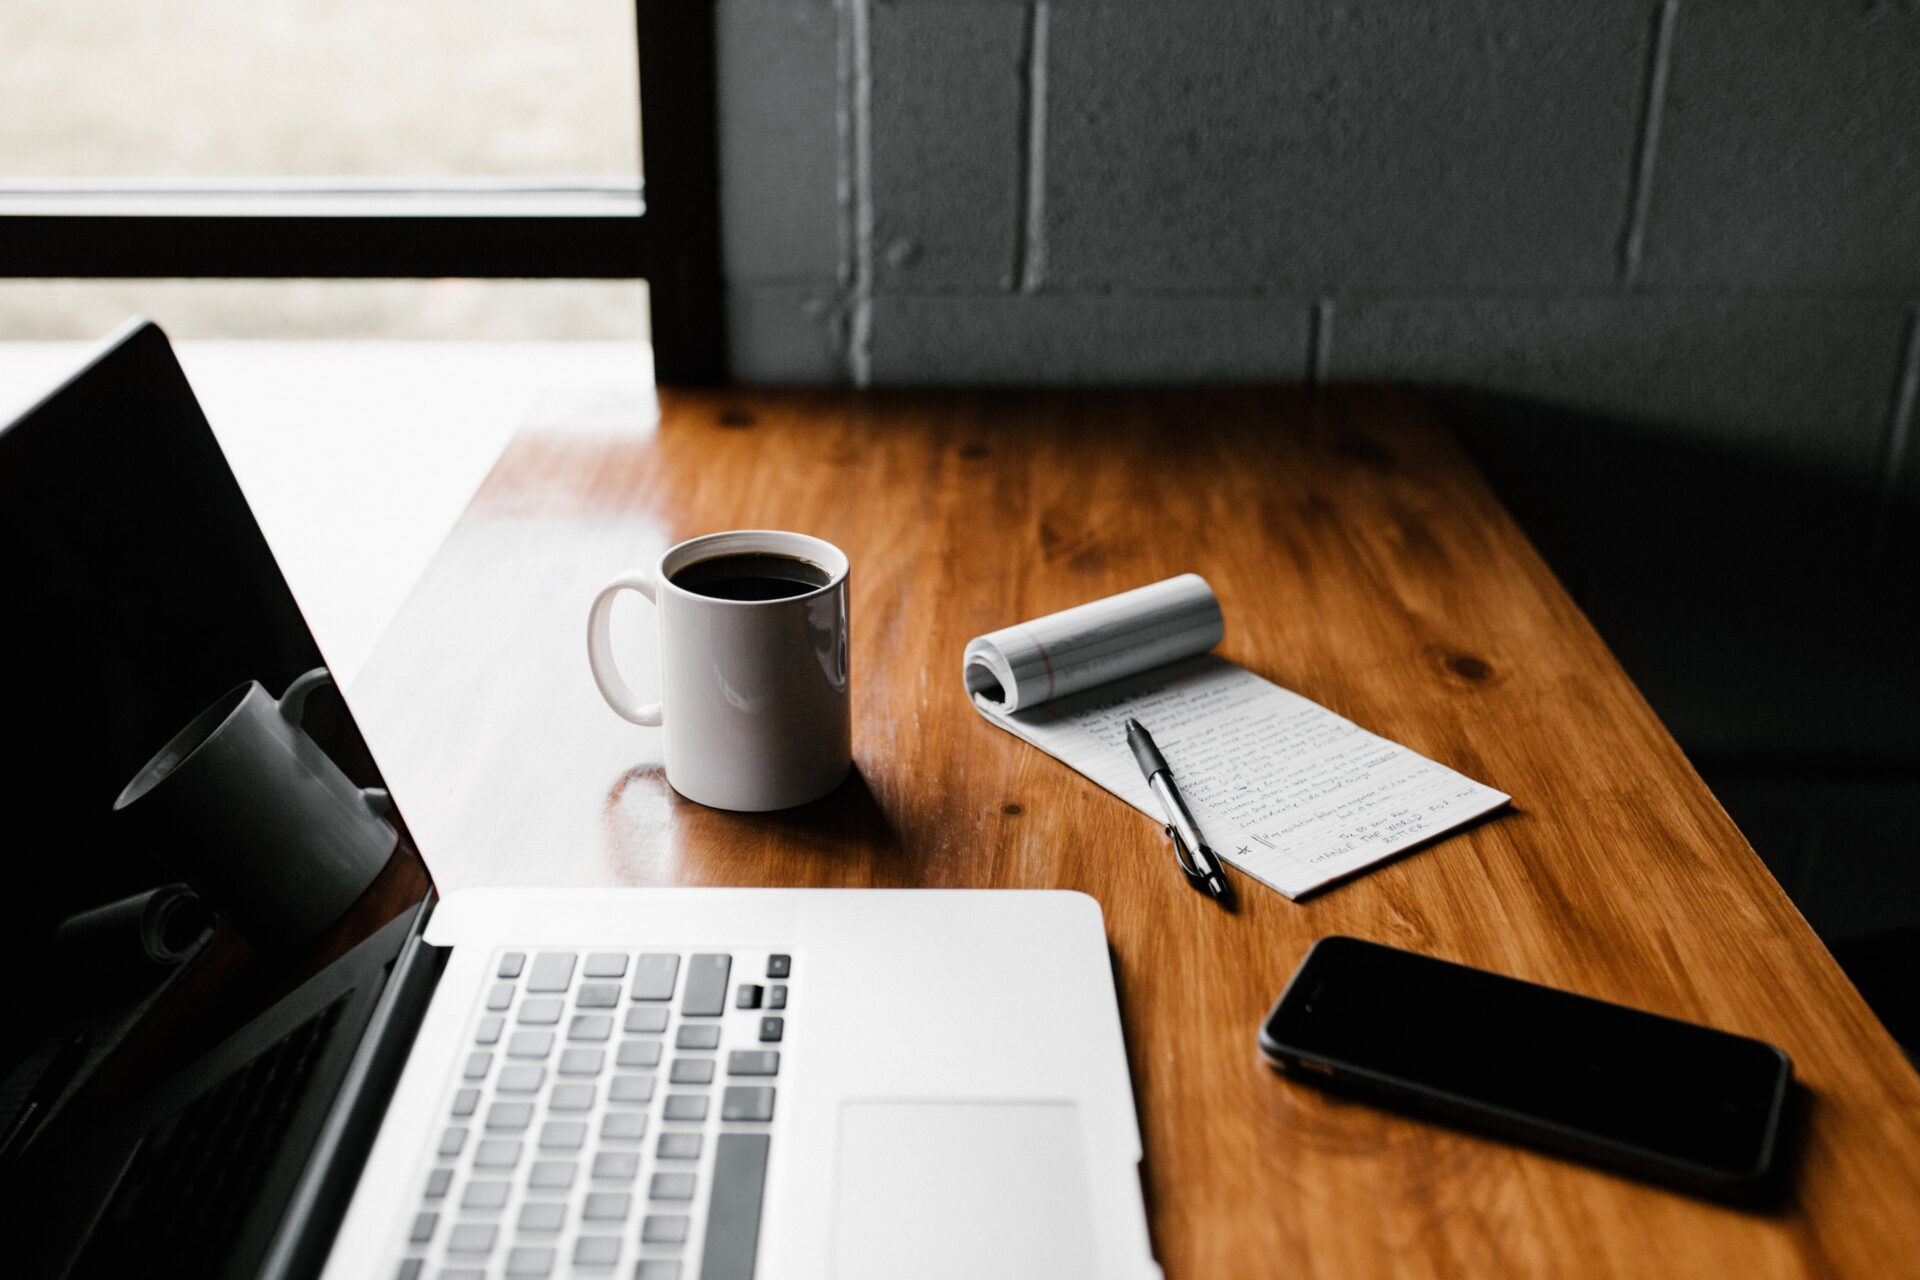 Empresas: plataformas de cursos <i>online</i> para melhorar competências | #fiqueemcasa